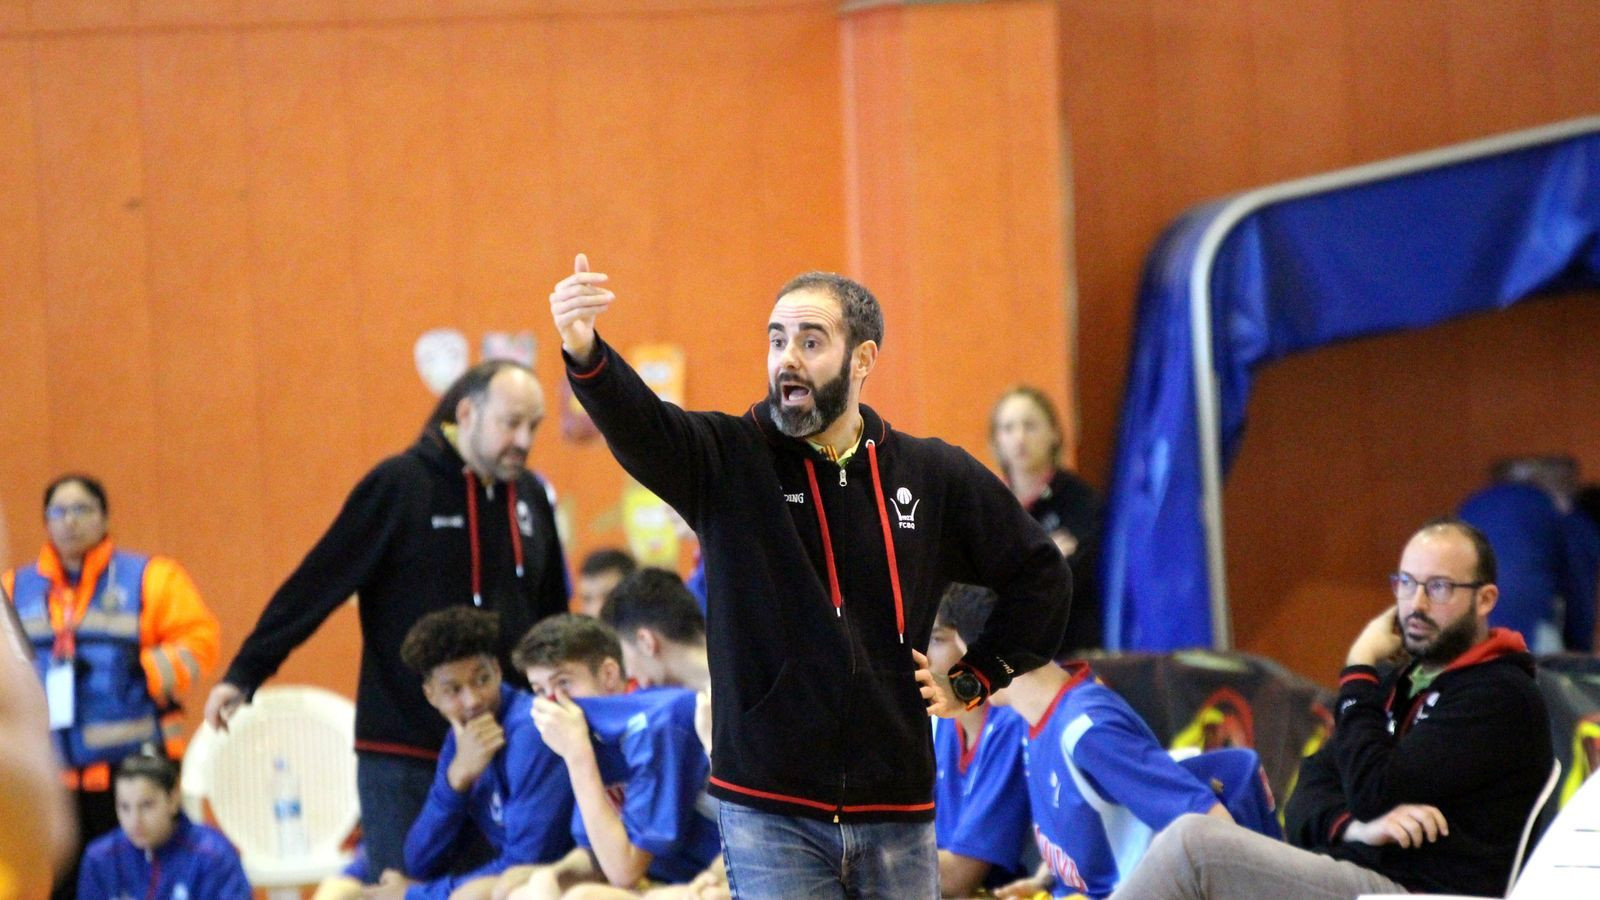 Òscar de Paula, durant el Campionat d'Espanya